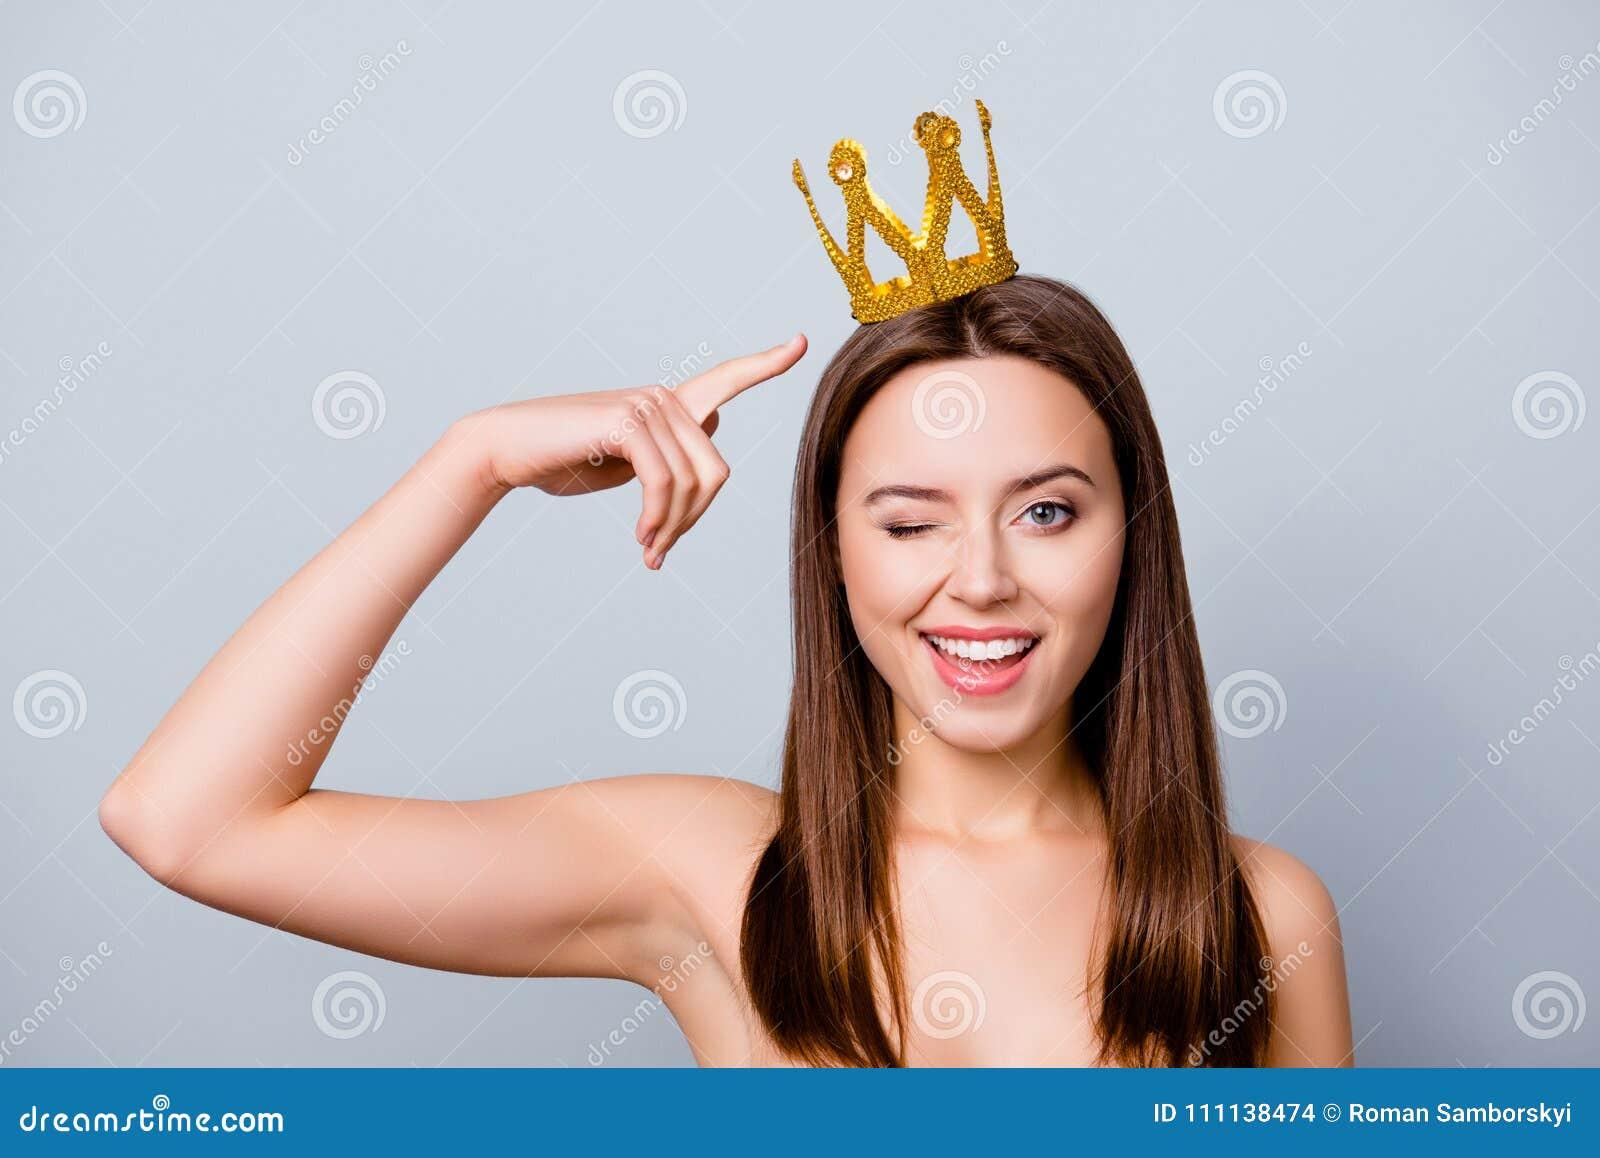 Η βέβαια χαριτωμένη όμορφη νέα γυναίκα με μια κορώνα στο κεφάλι της είναι